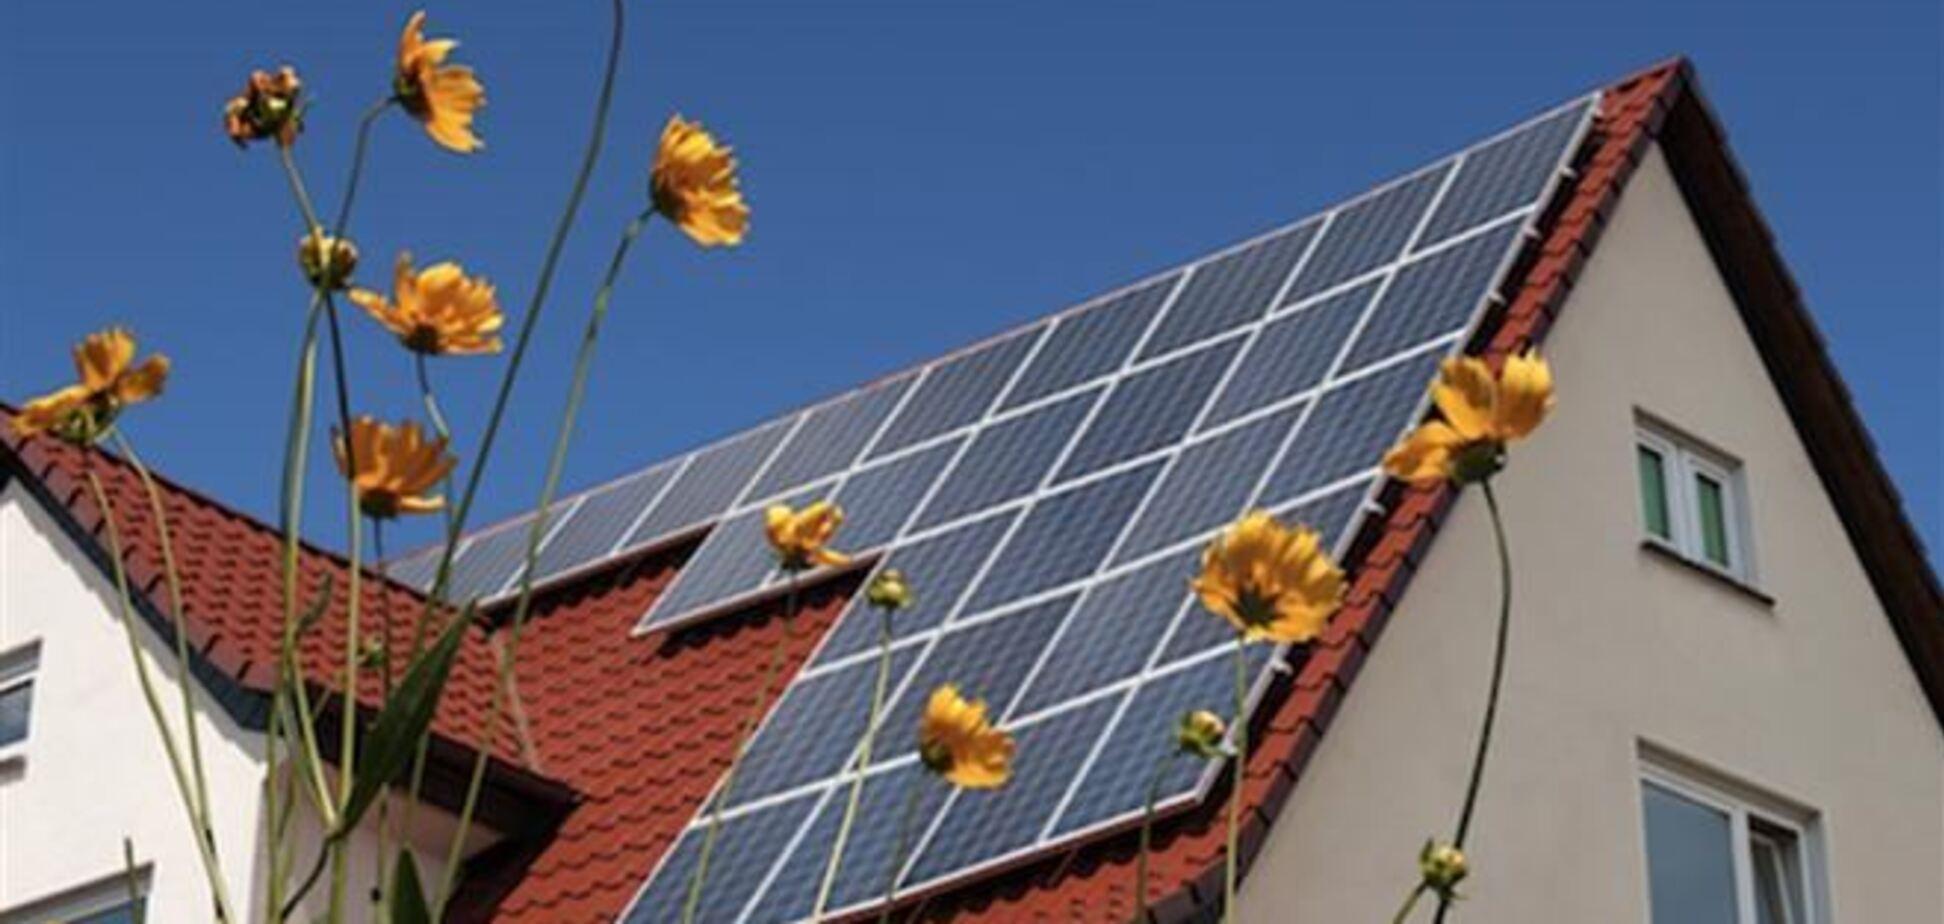 Деньги МВФ заставят инвесторов строить энергоэффективное жилье